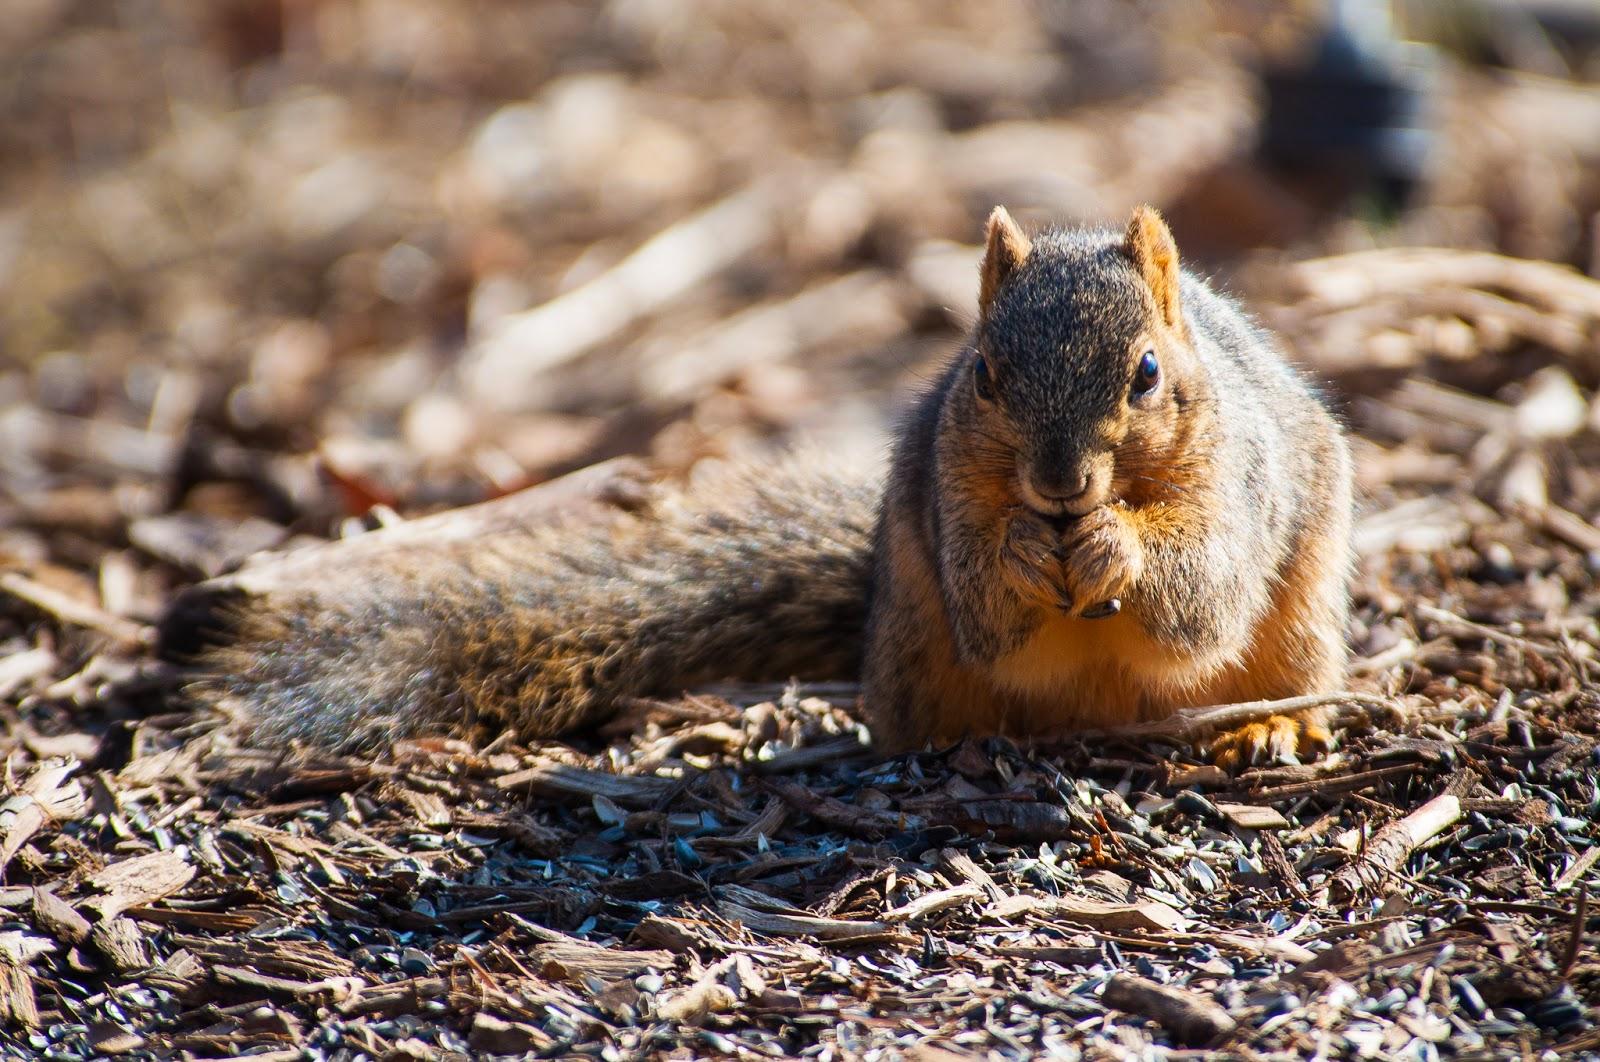 Red Squirrel, Bob Jones Nature Center